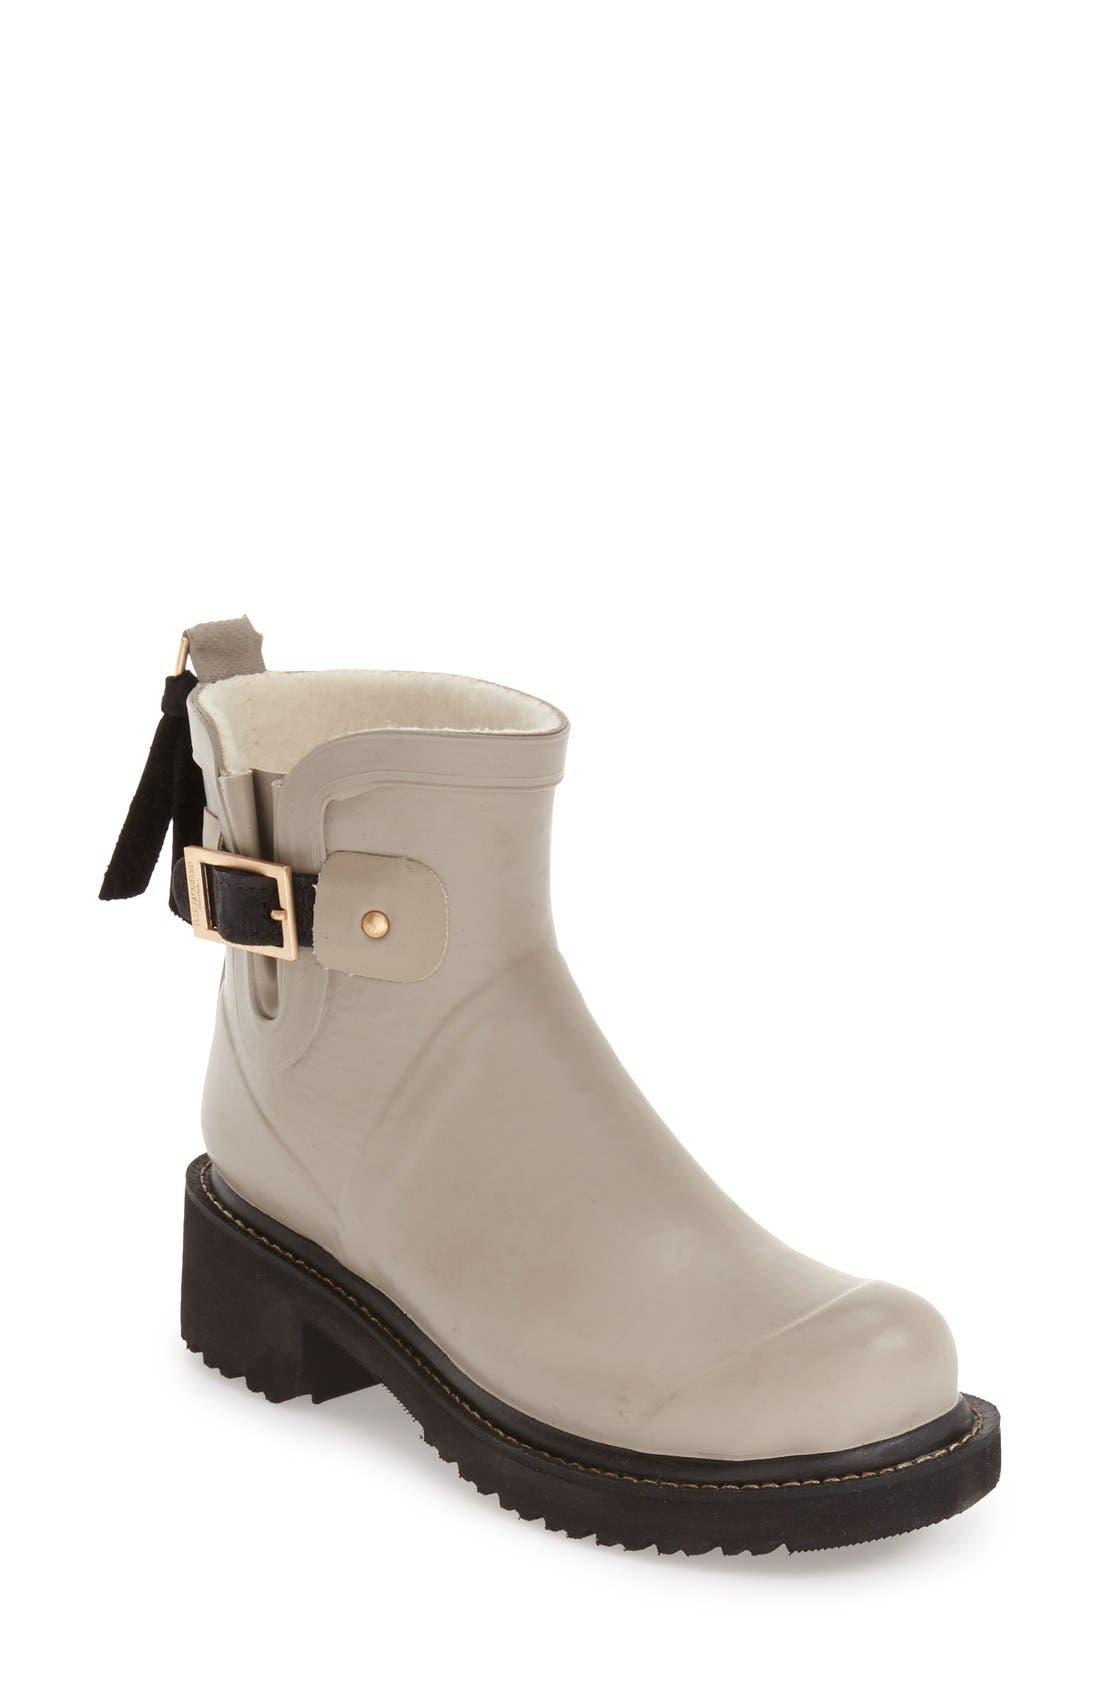 Ilse Jacobsen Short Waterproof Rubber Boot (Women)